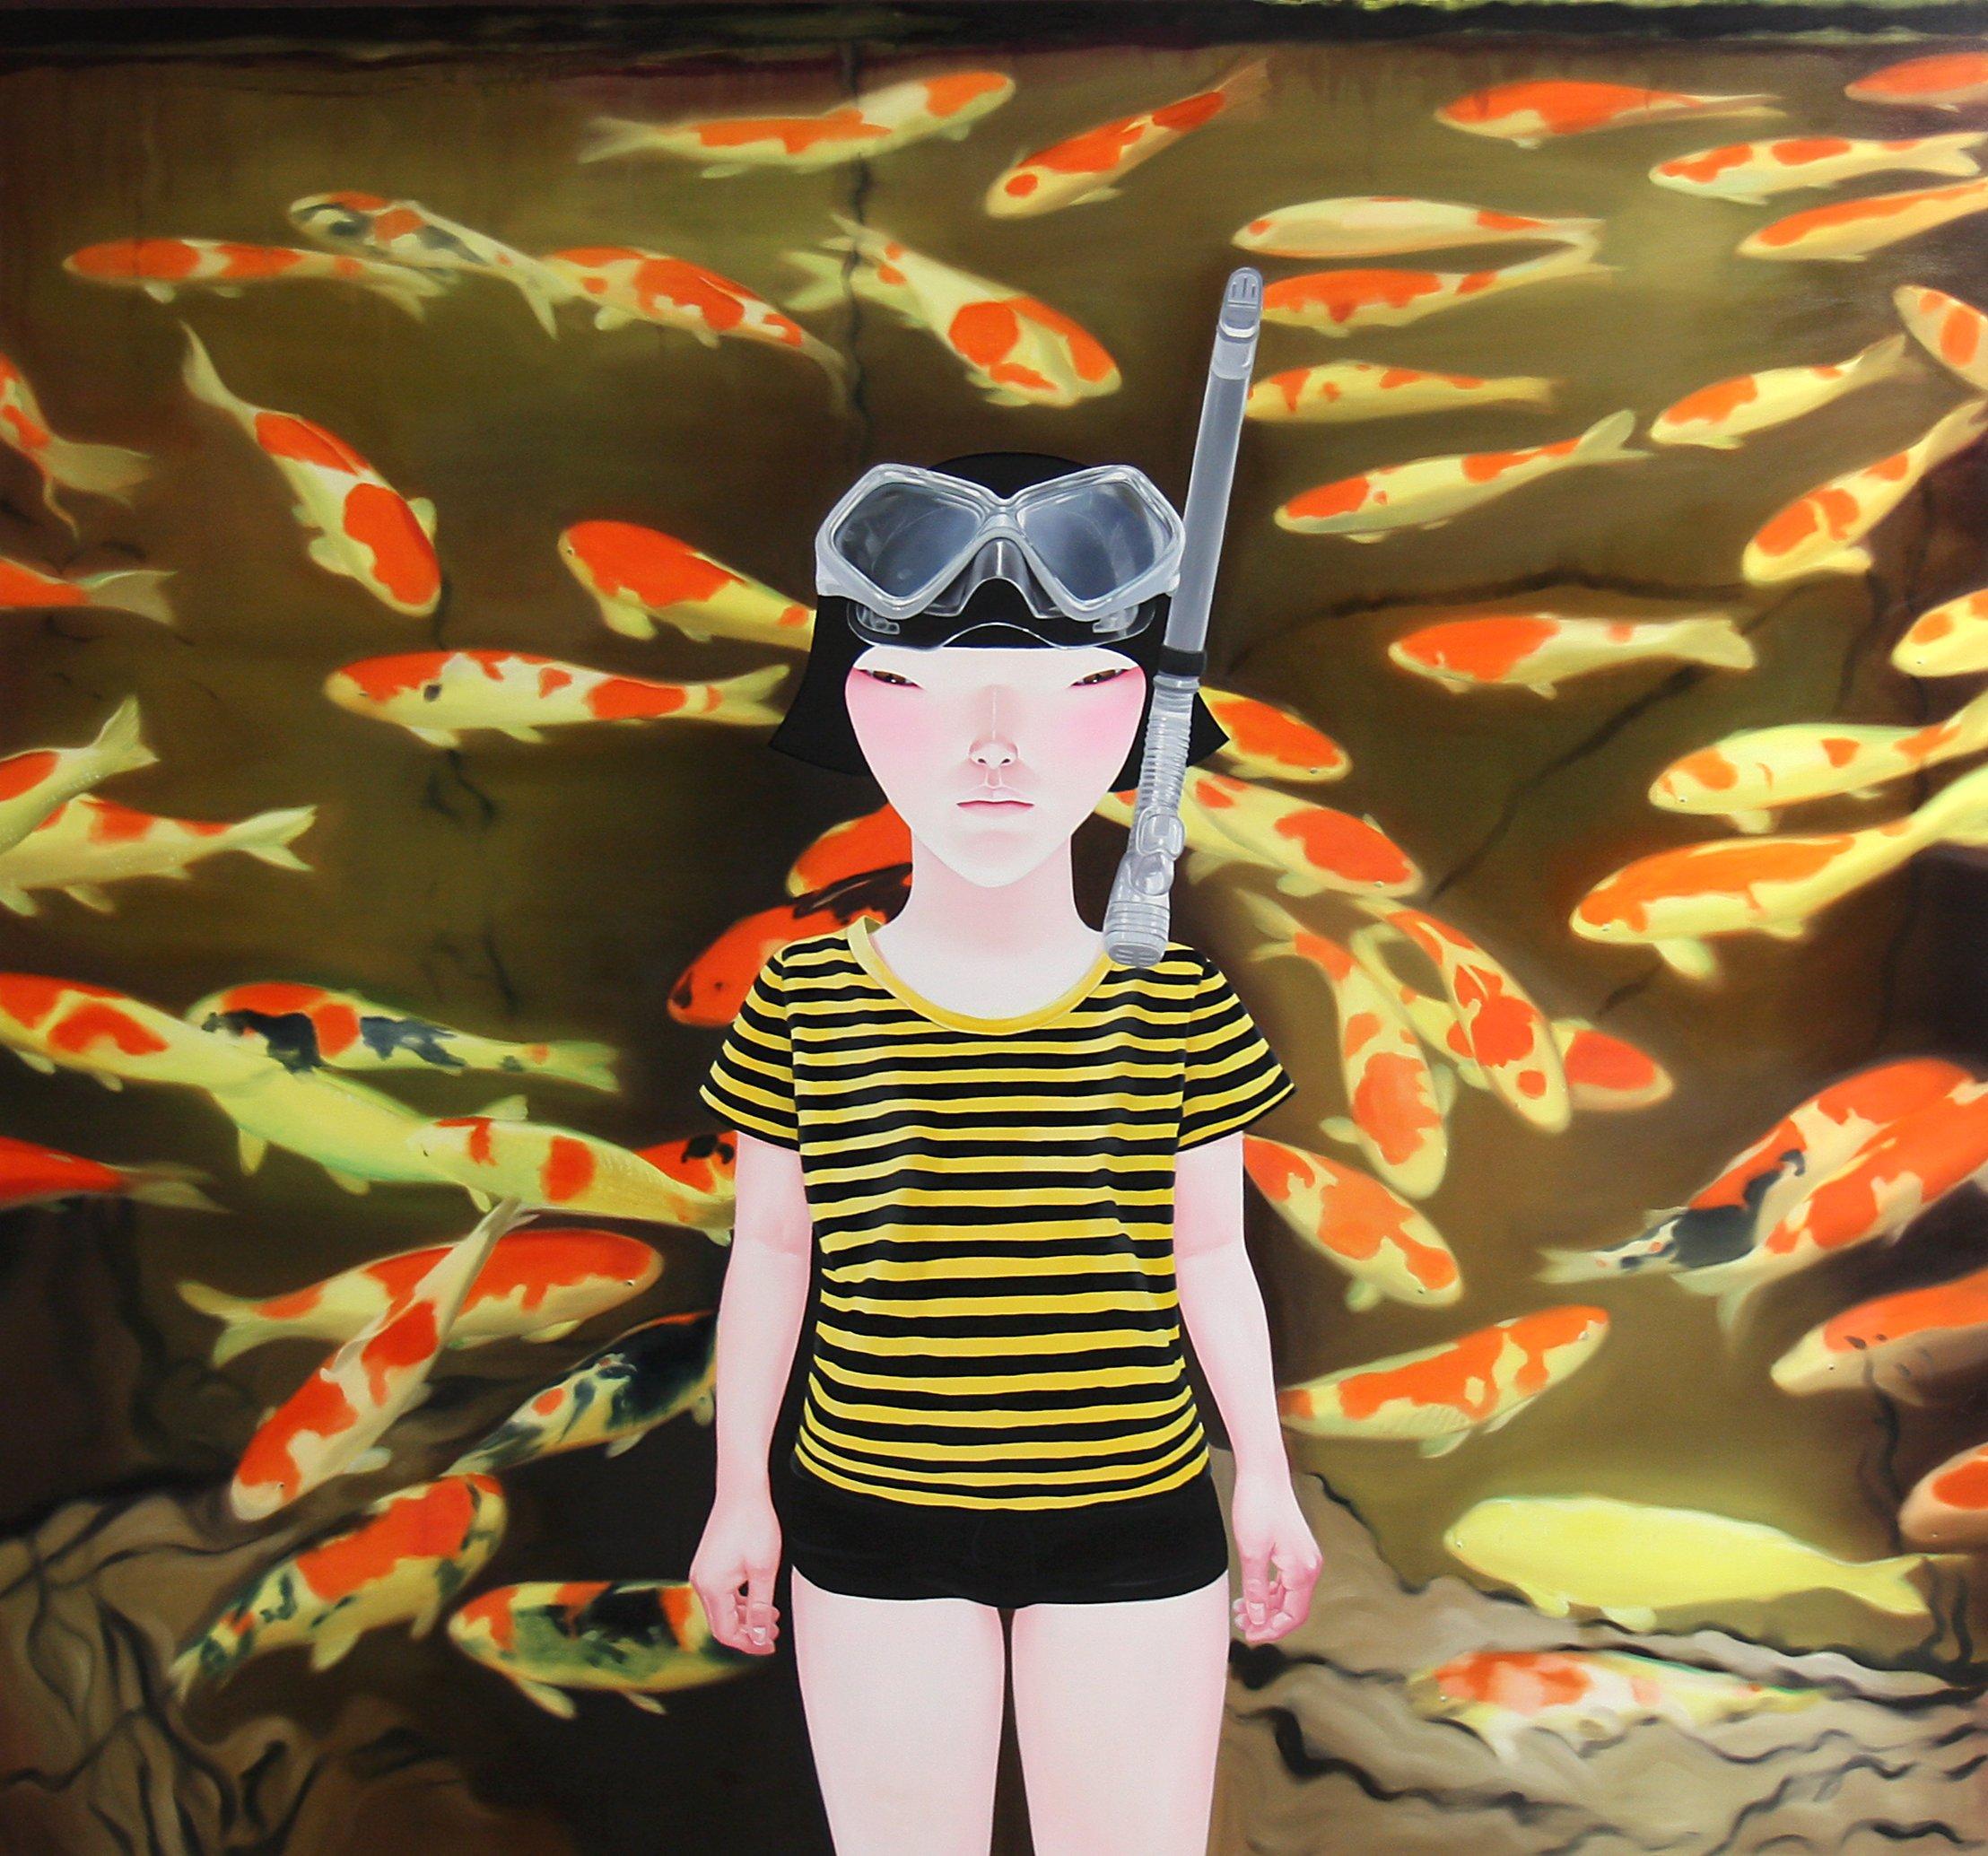 _뗡뀿_됣뀳_뗡뀱__ _뗡뀿_솽꼱__Carp, Oil on canvas, 170x180cm, 2013.JPG